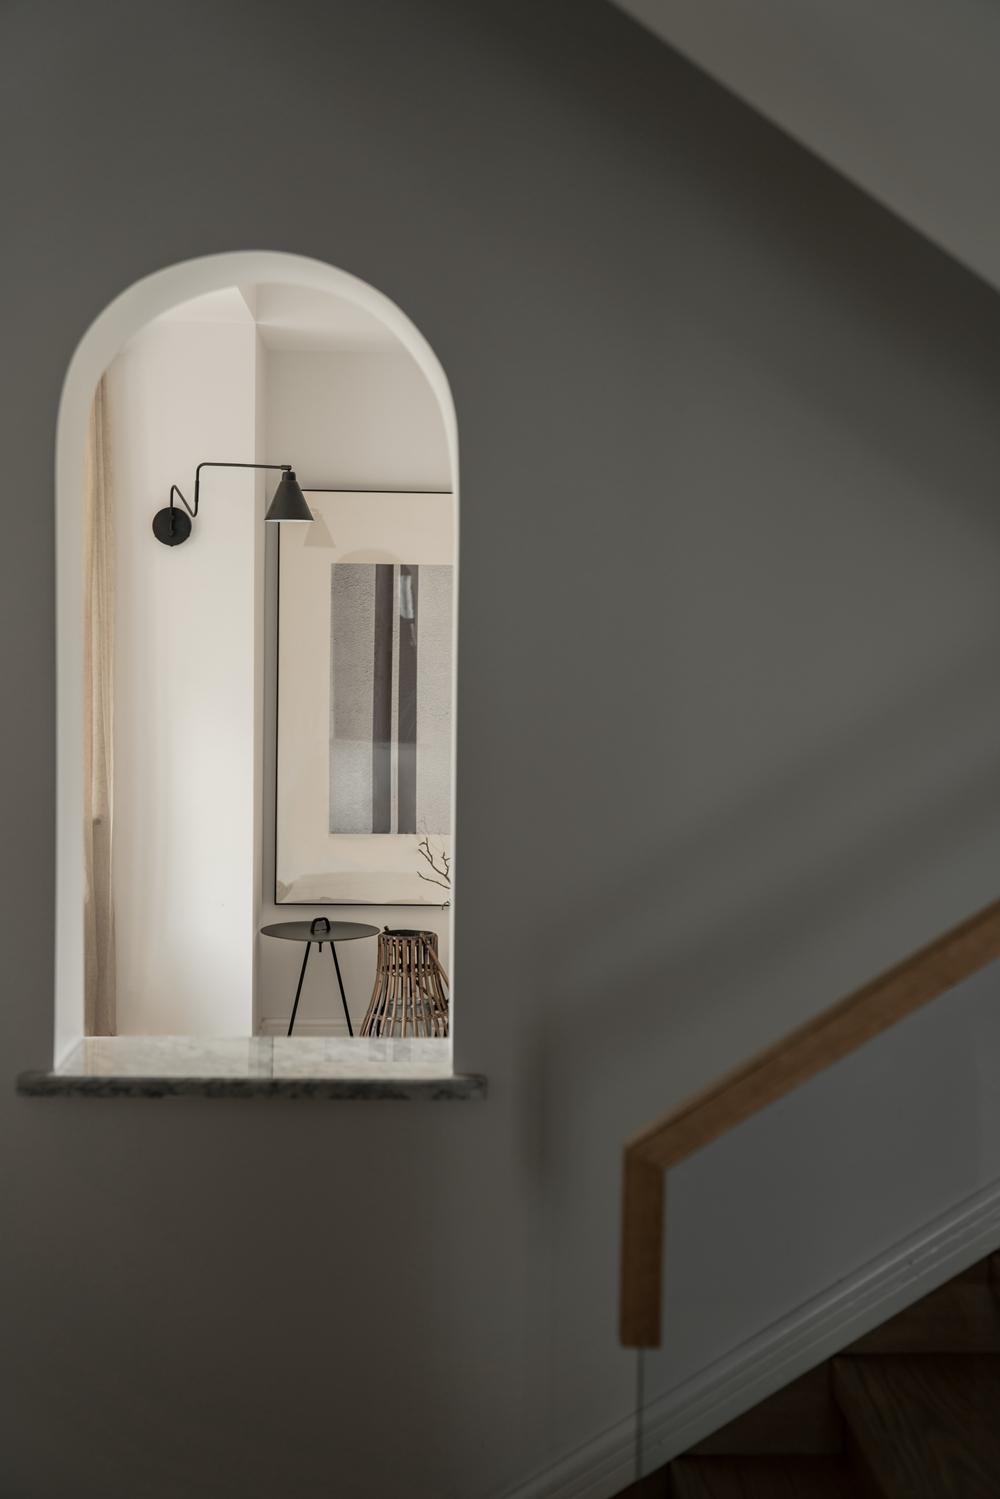 极简风别墅装修弧形窗洞设计